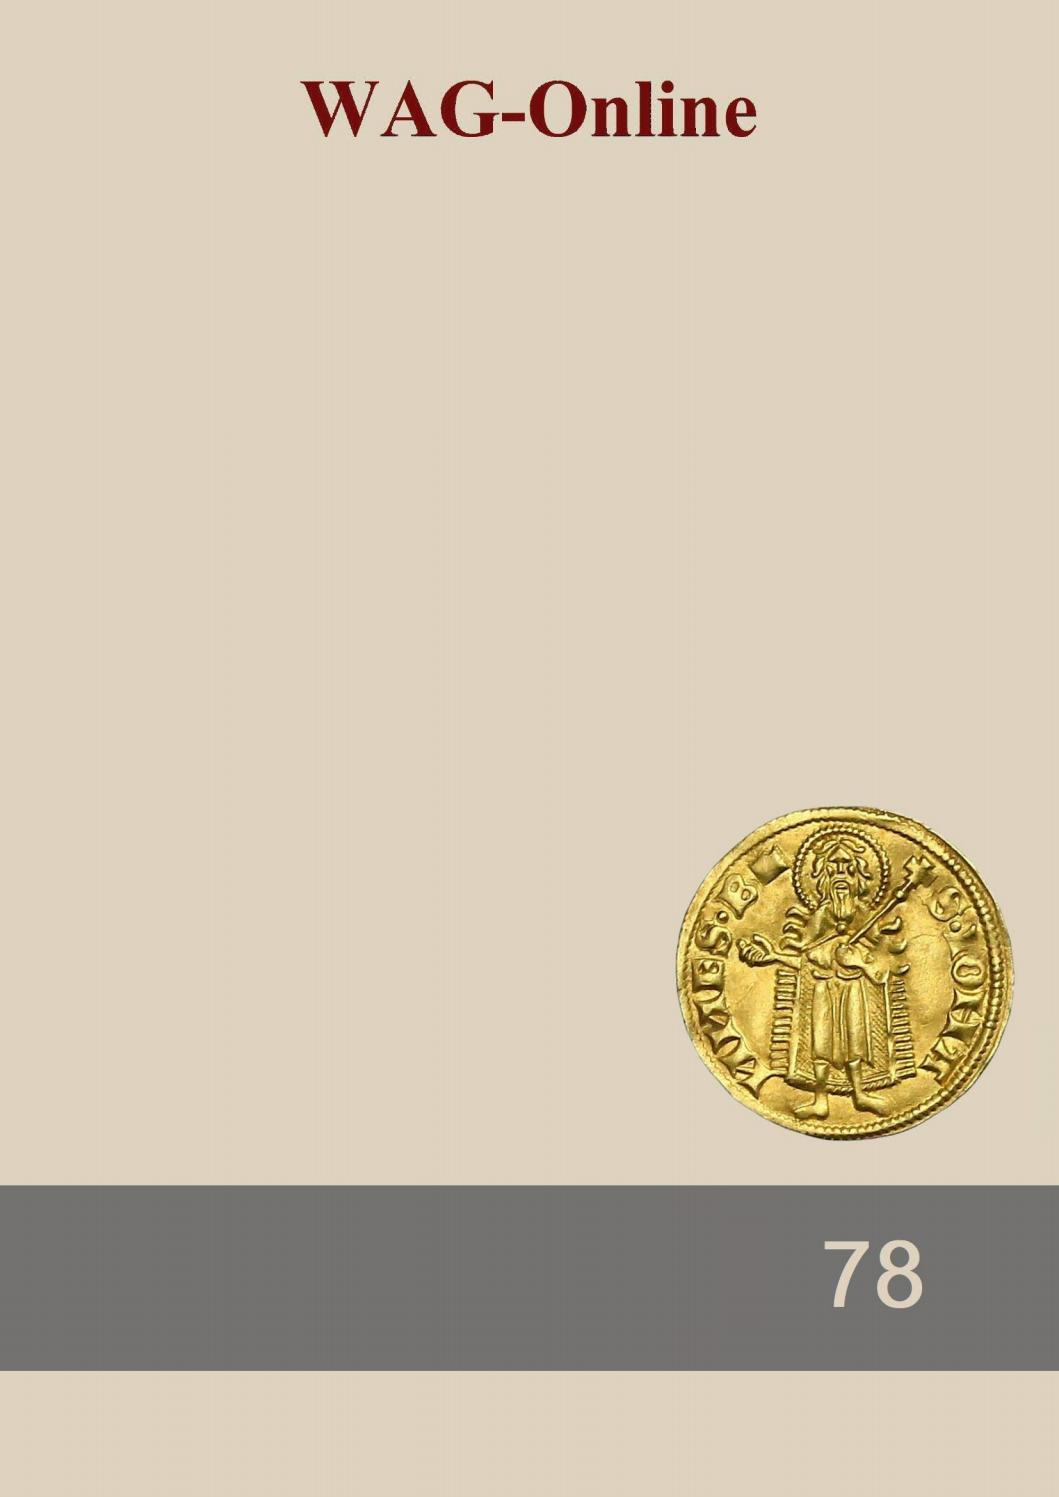 Münzen 20 Kreuzer 1787 Bamberg Würzburg Bistum Franz Ludwig Von Erthal Eine Feine Marck Byzantinische Münzen